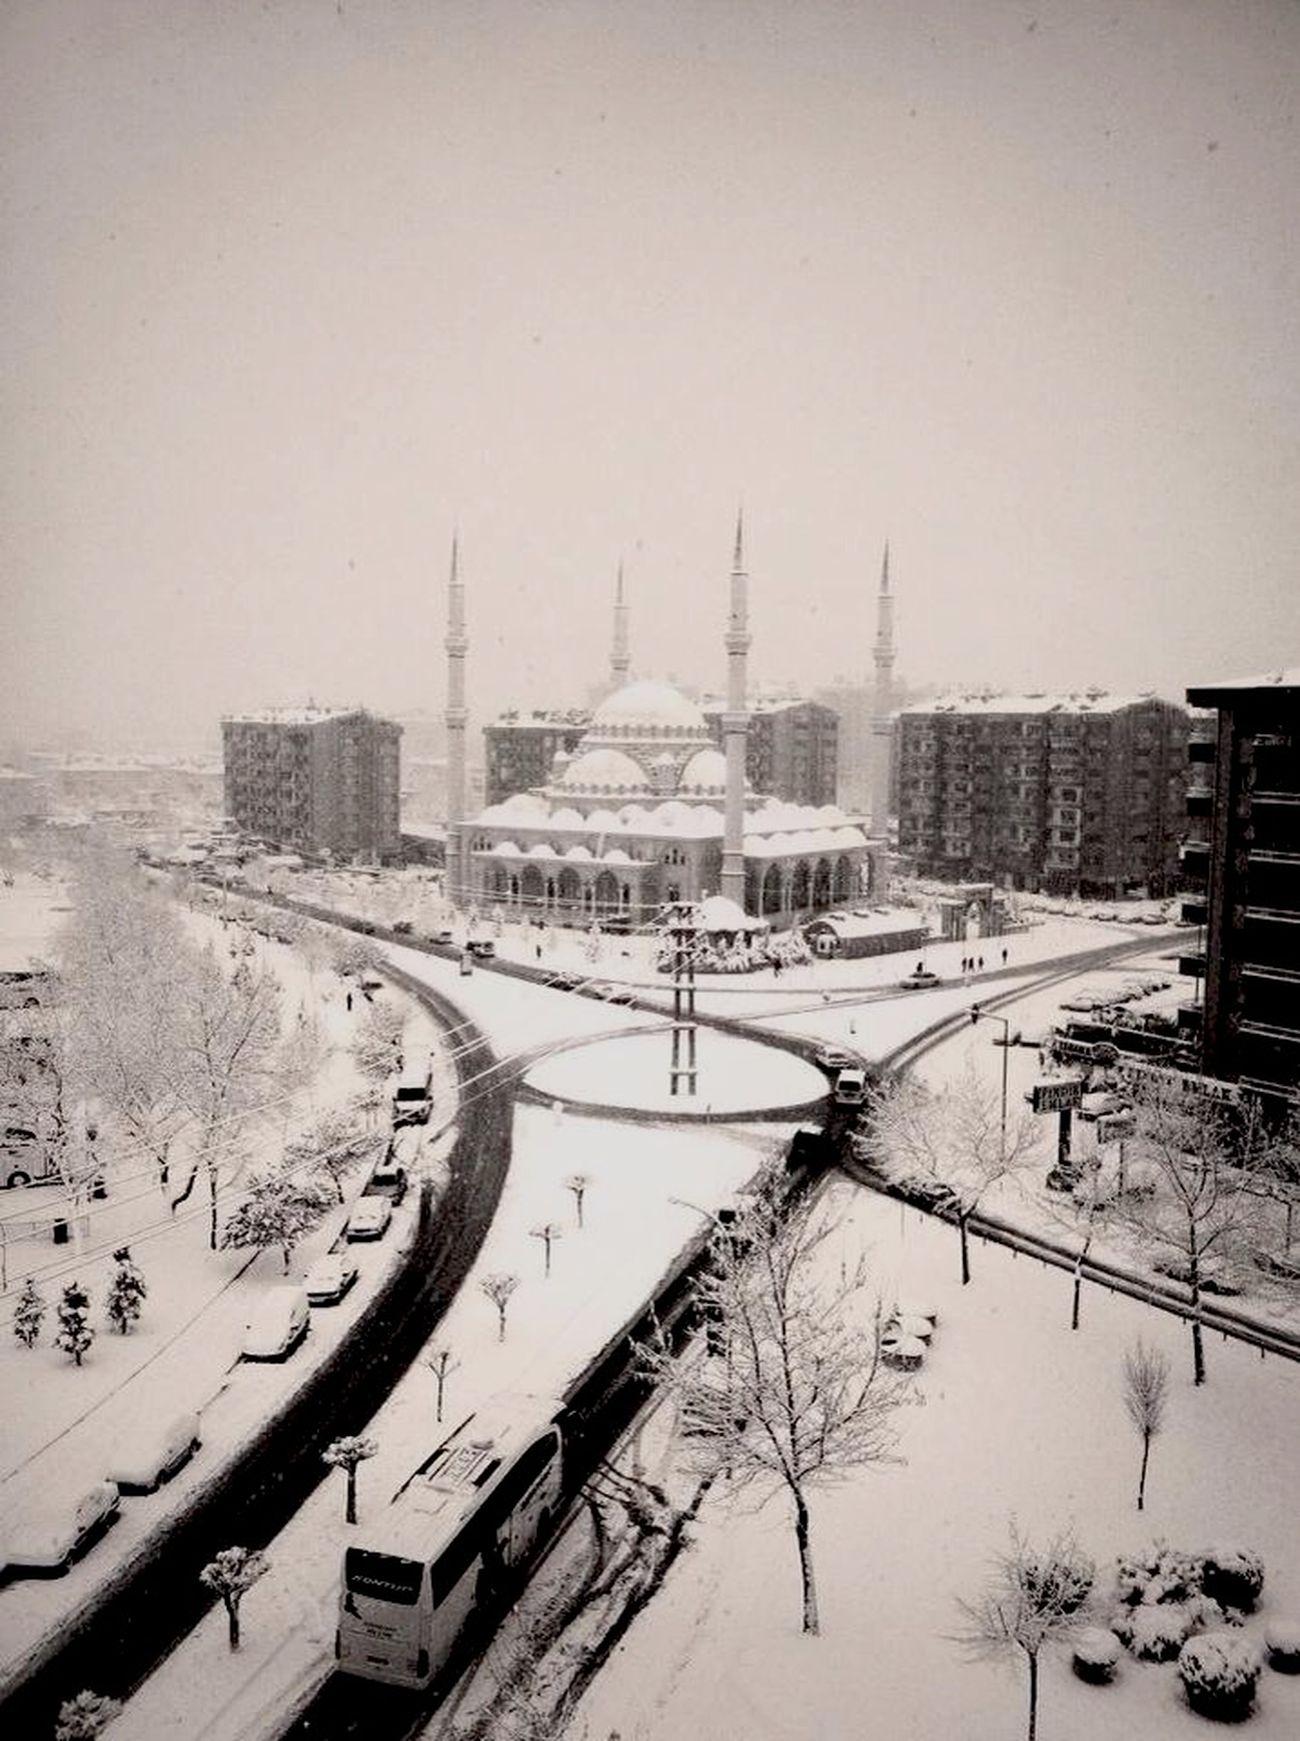 Memleket de kar yağışı :) winter caming ;)